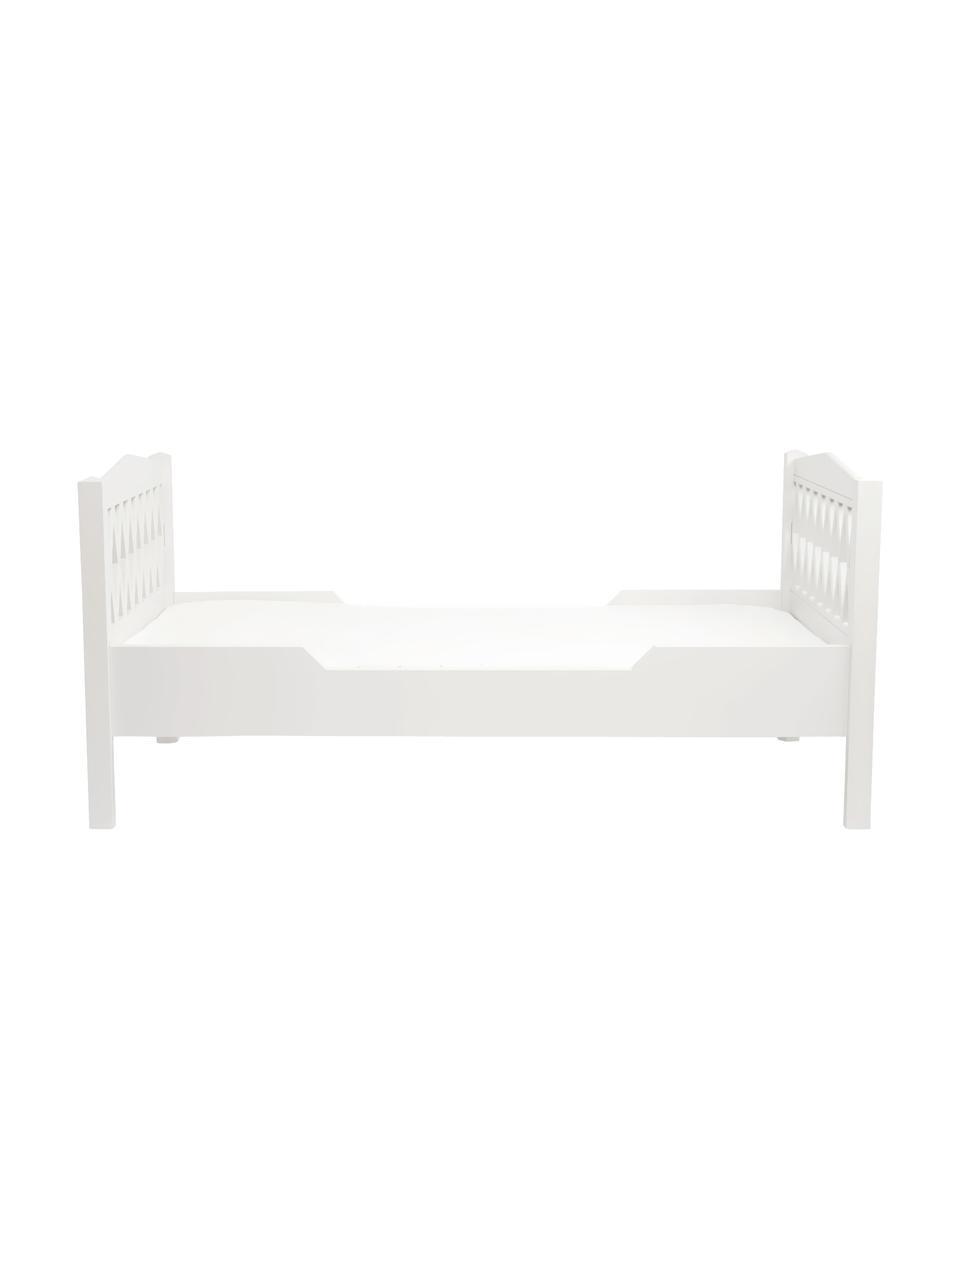 Łóżko dla dzieci Harlequin, Drewno lakierowane, Biały, S 100 x D 170 cm